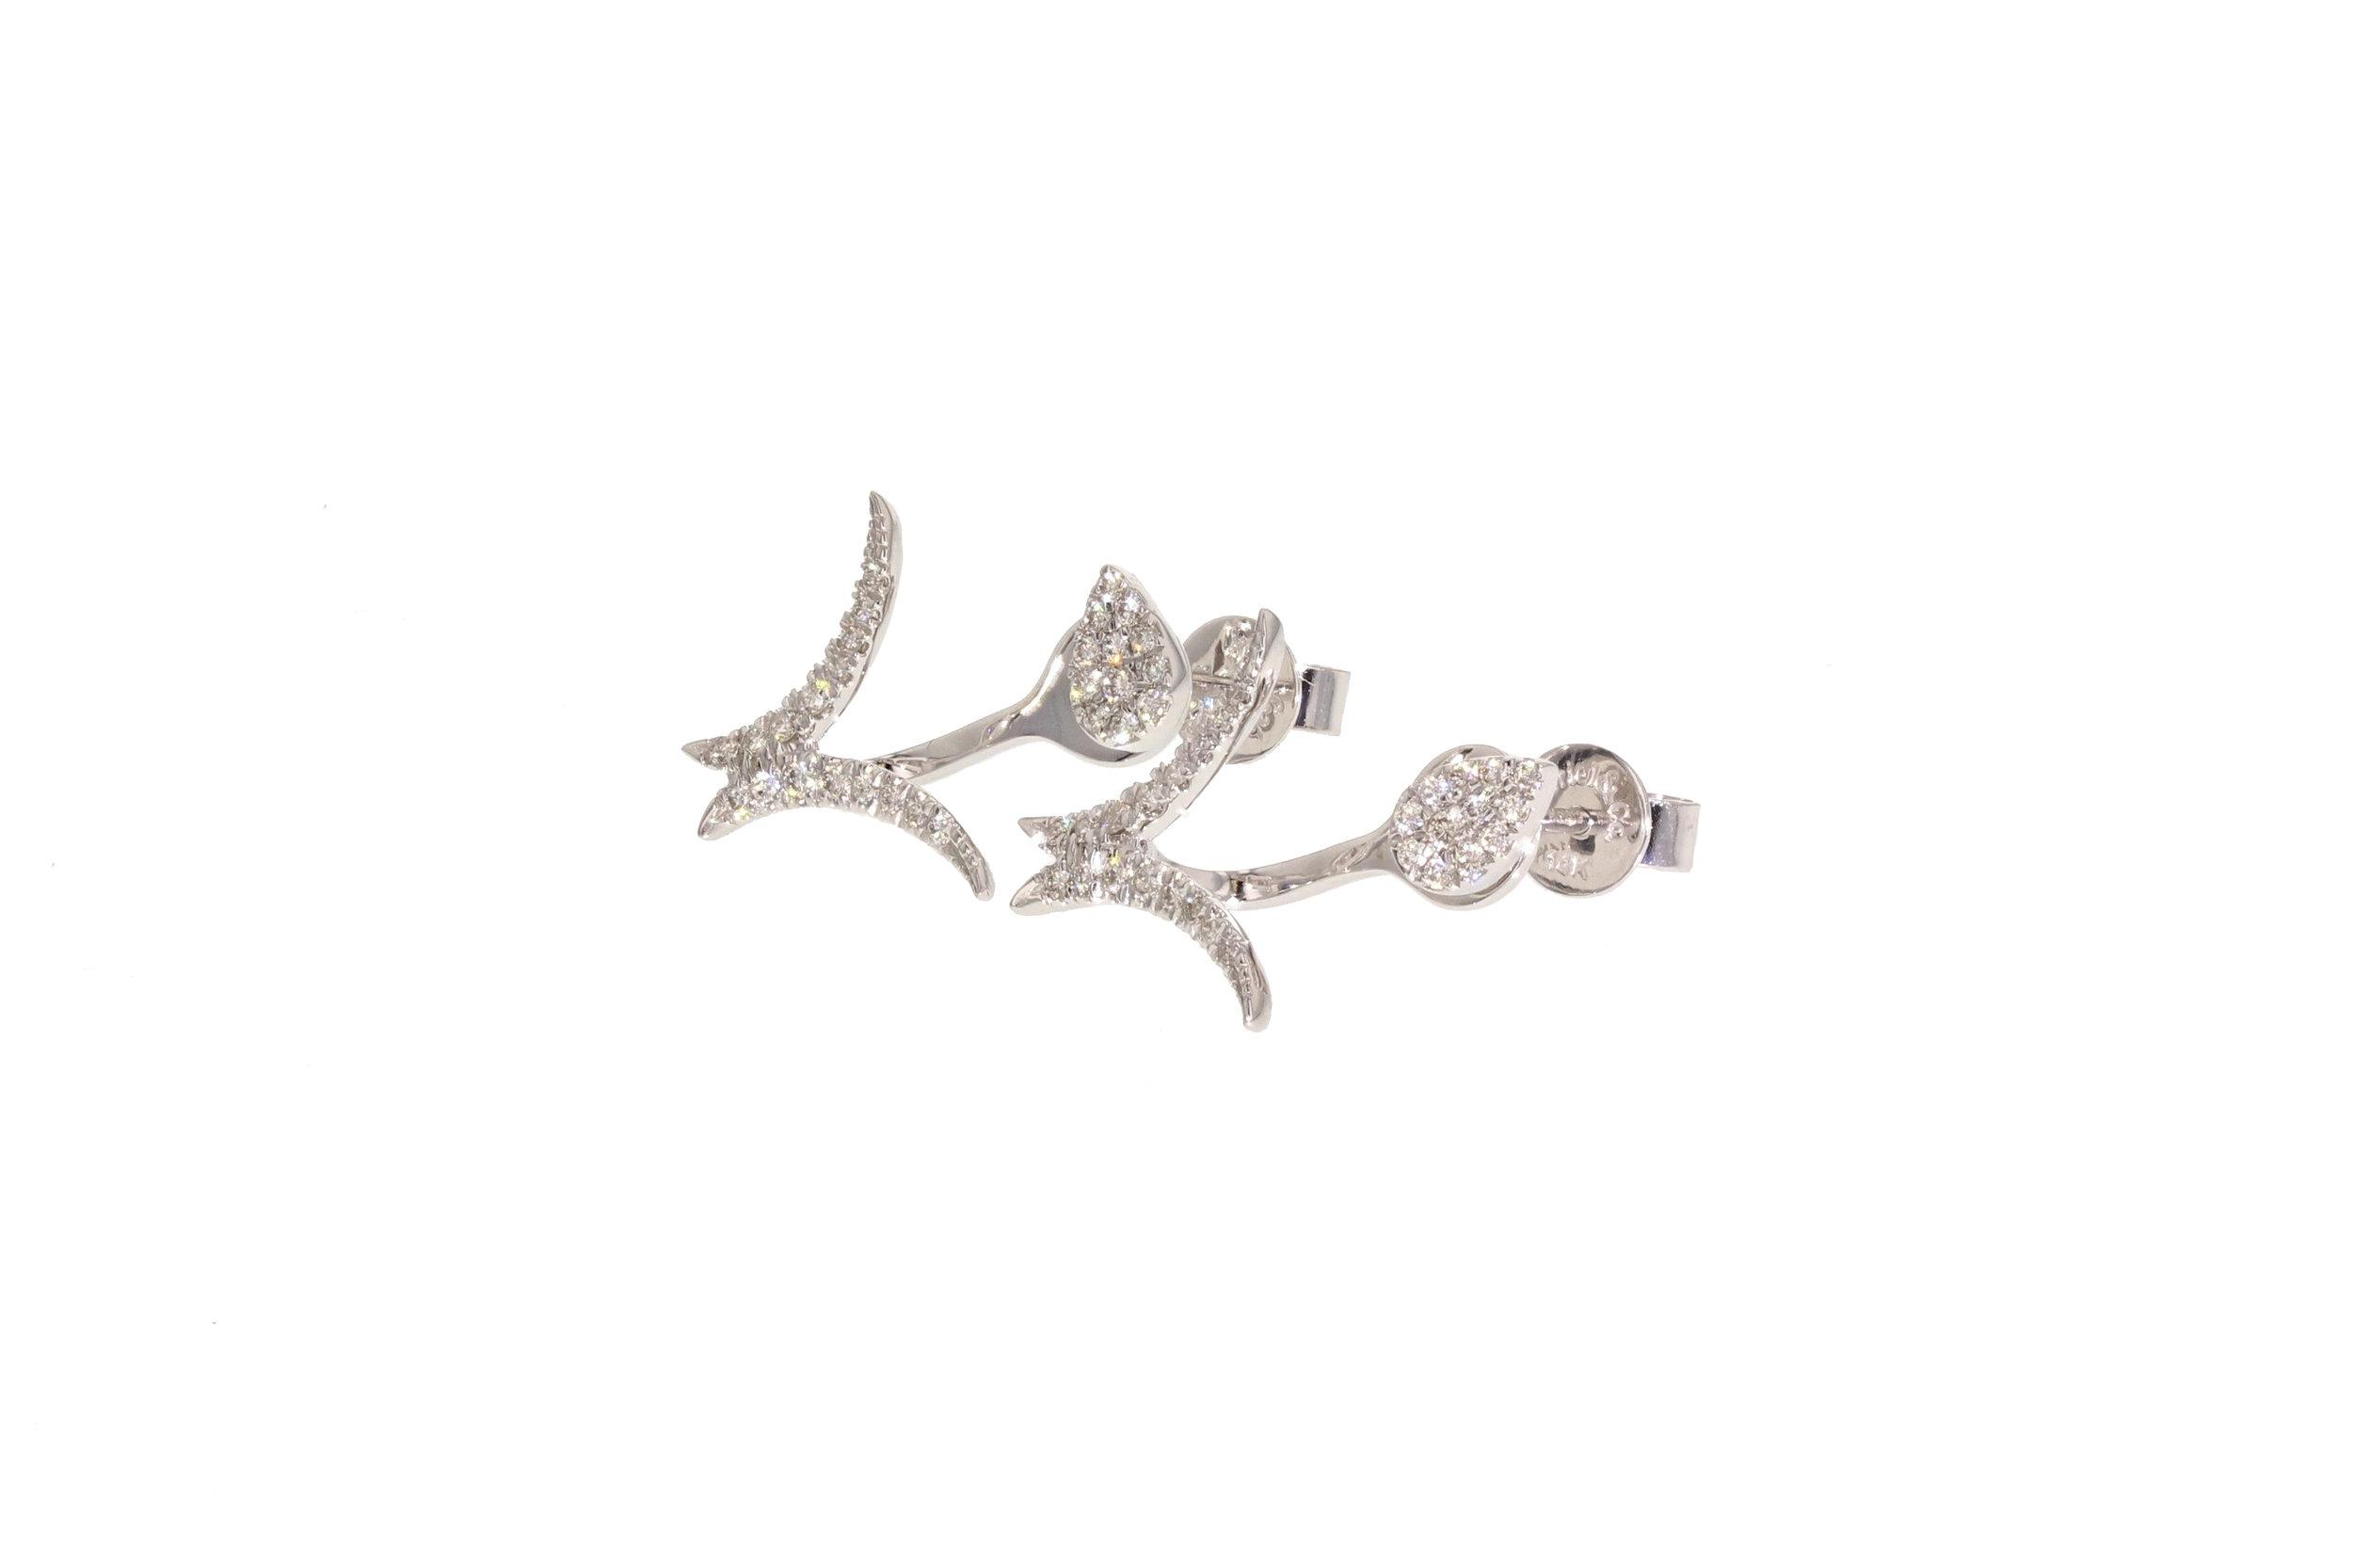 14kt White Gold Diamond Pavé Earrings with V Shape Jackets 0.38 tcw. $1675